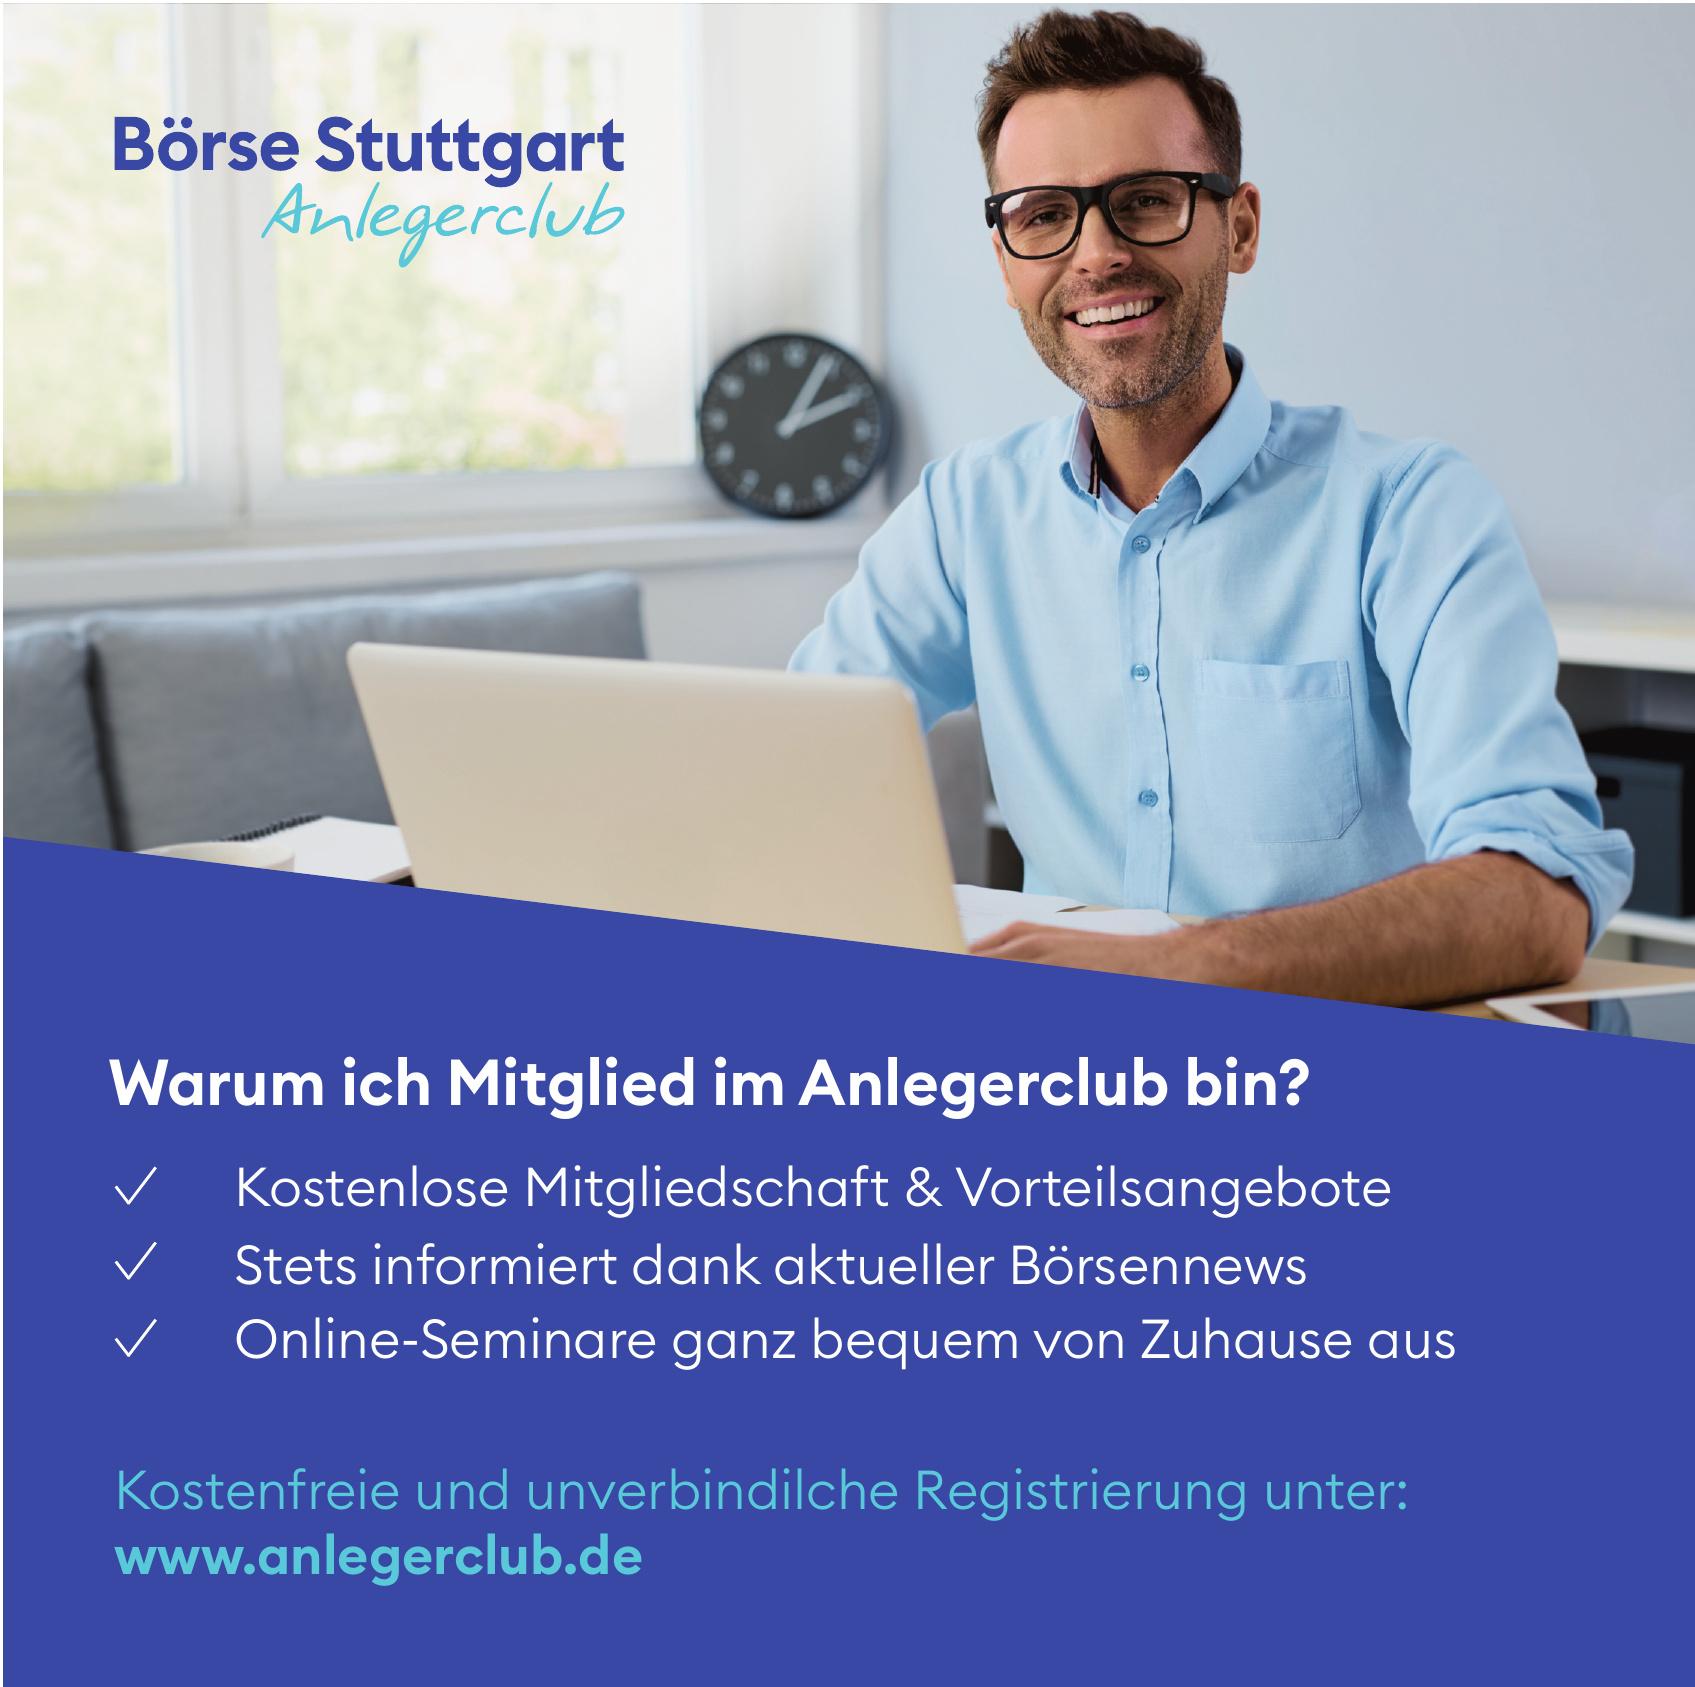 Boerse Stuttgart - Anlegerclub